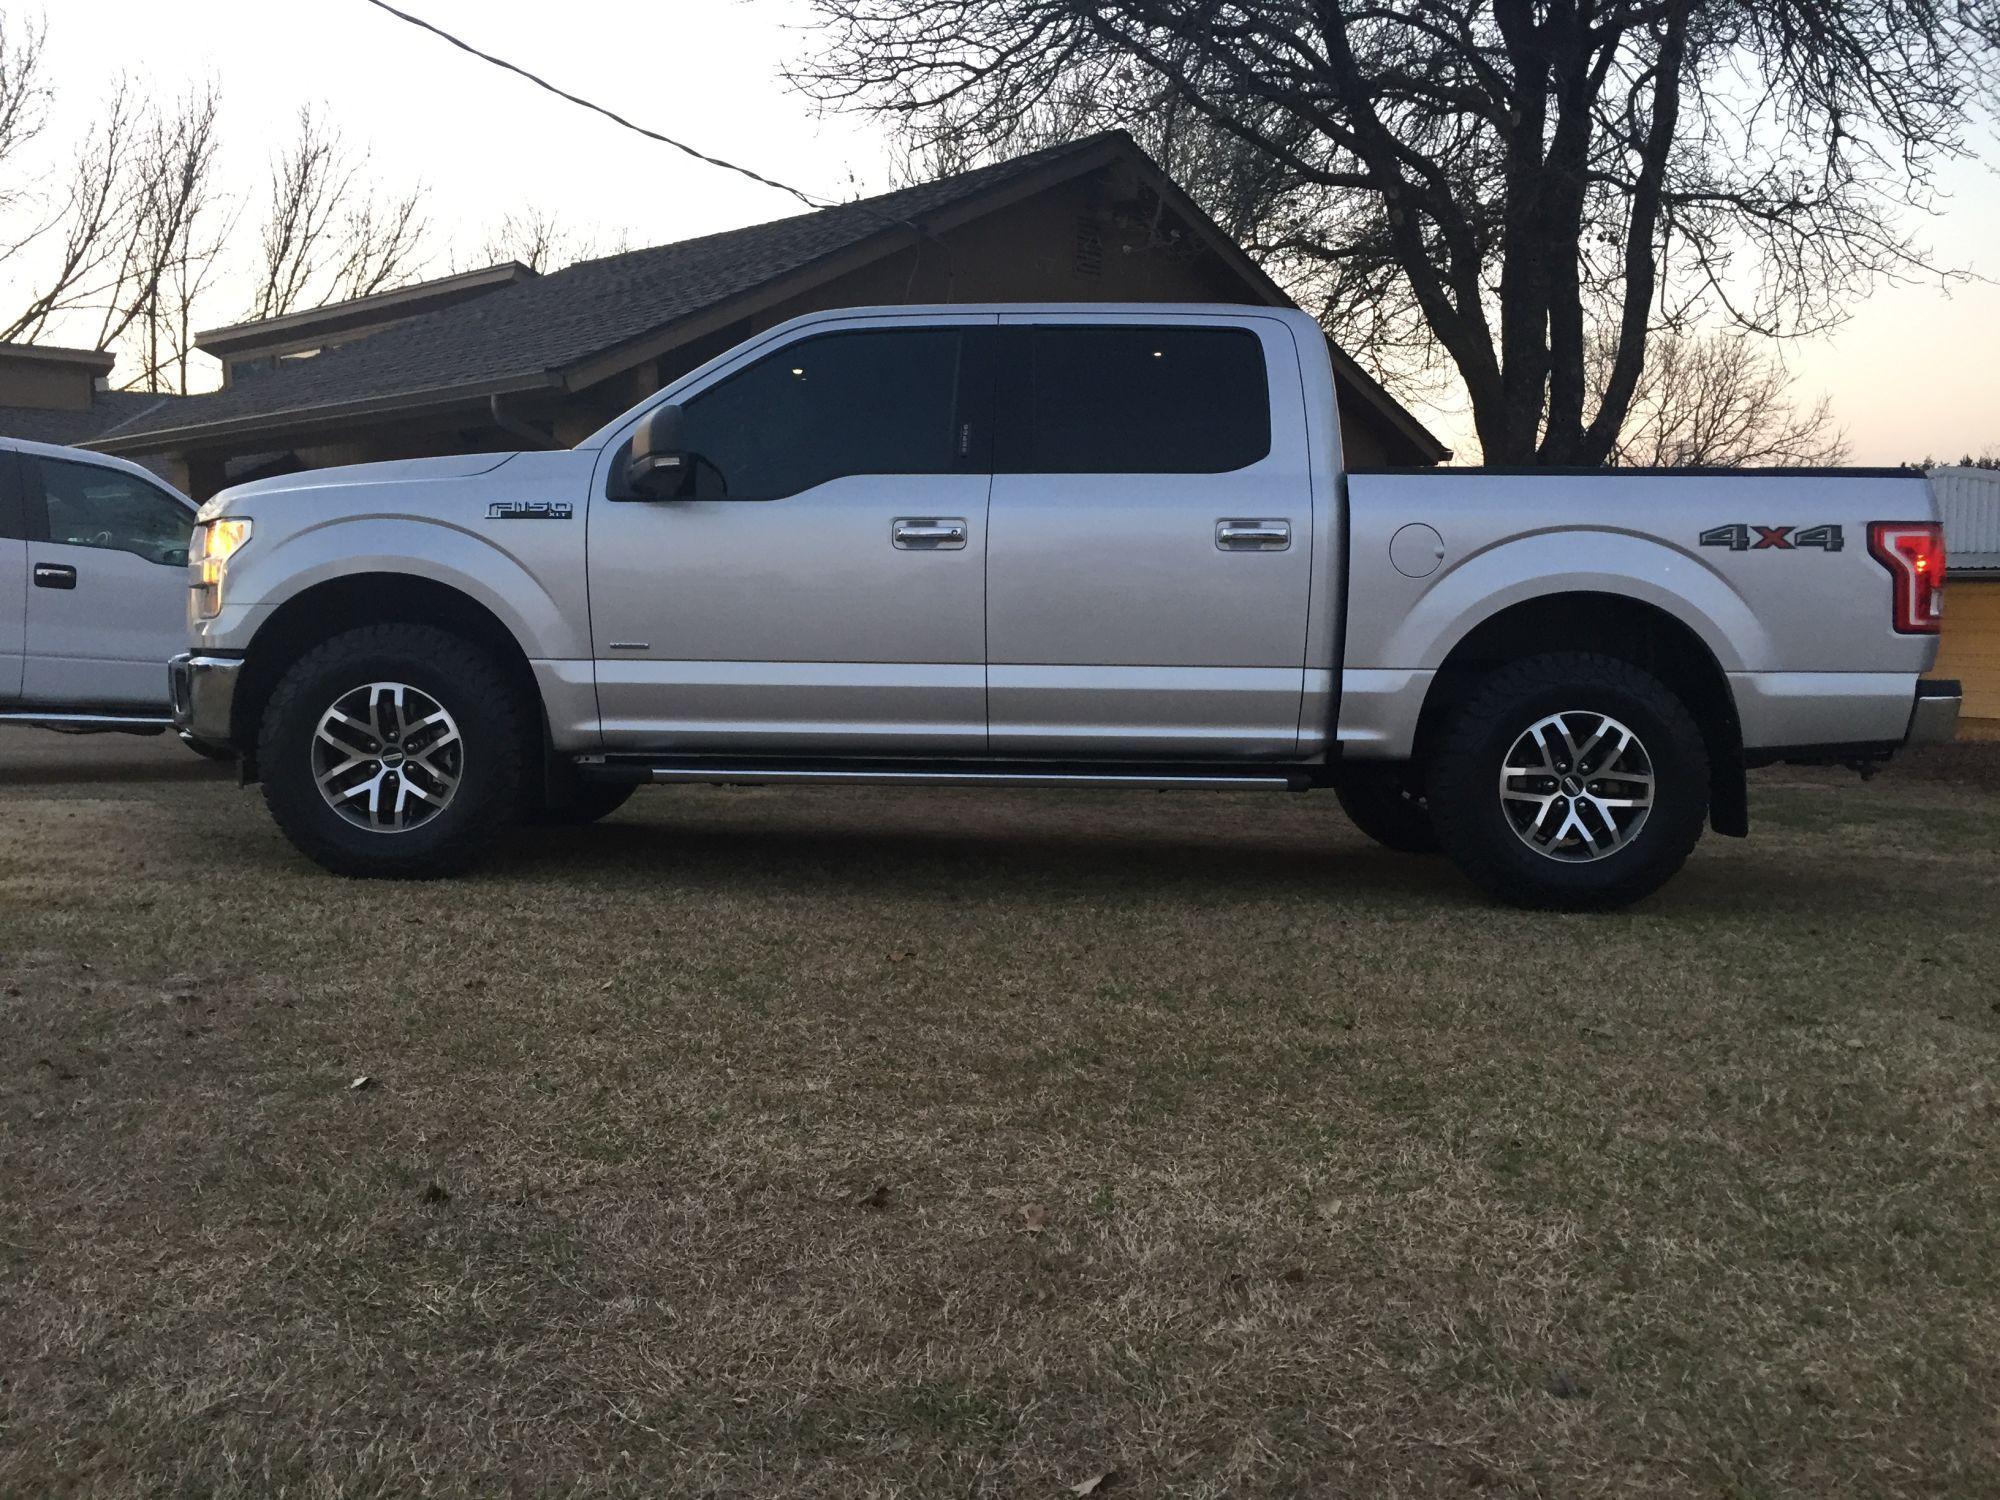 285 70r17 Raptor Wheels Ford F150 F150 Ford Trucks